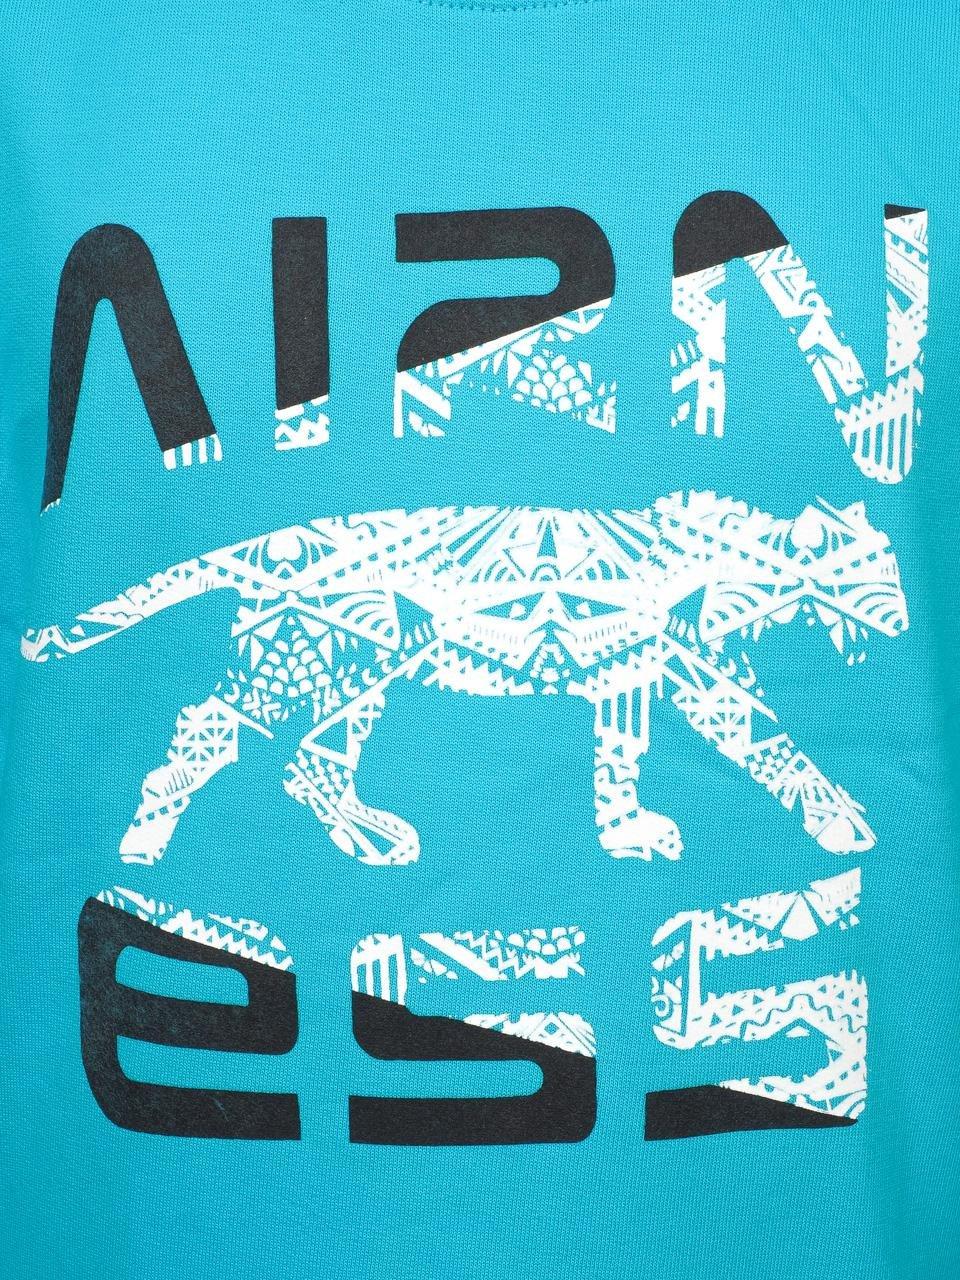 553f1d526f174 Airness - Blanas Turq Noir - Survetement Ensemble  Amazon.fr  Sports et  Loisirs